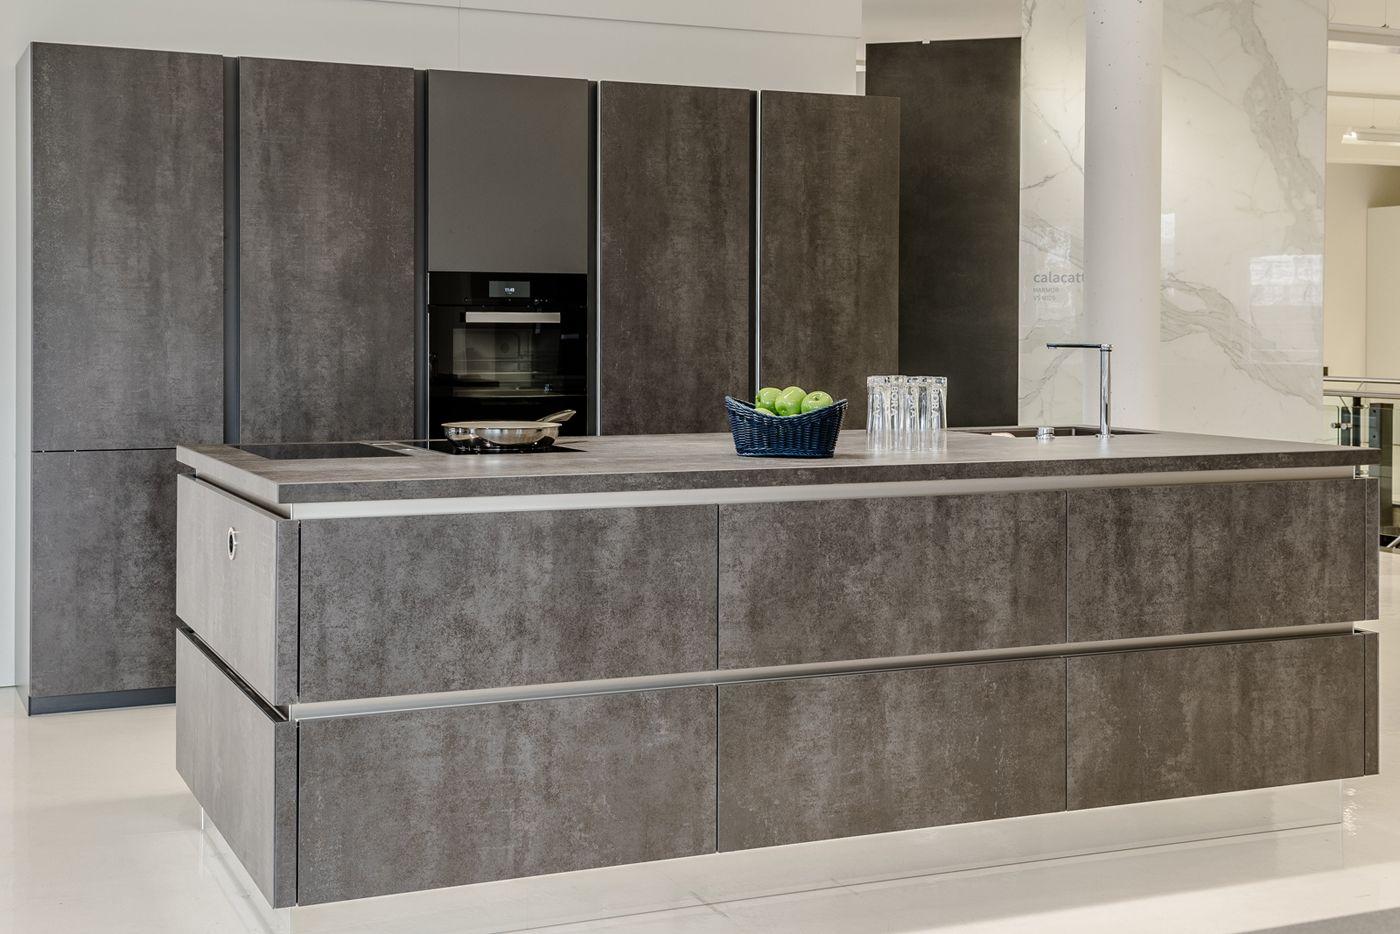 Haecker Küche mit VidroStone Keramik Verkleidung ...